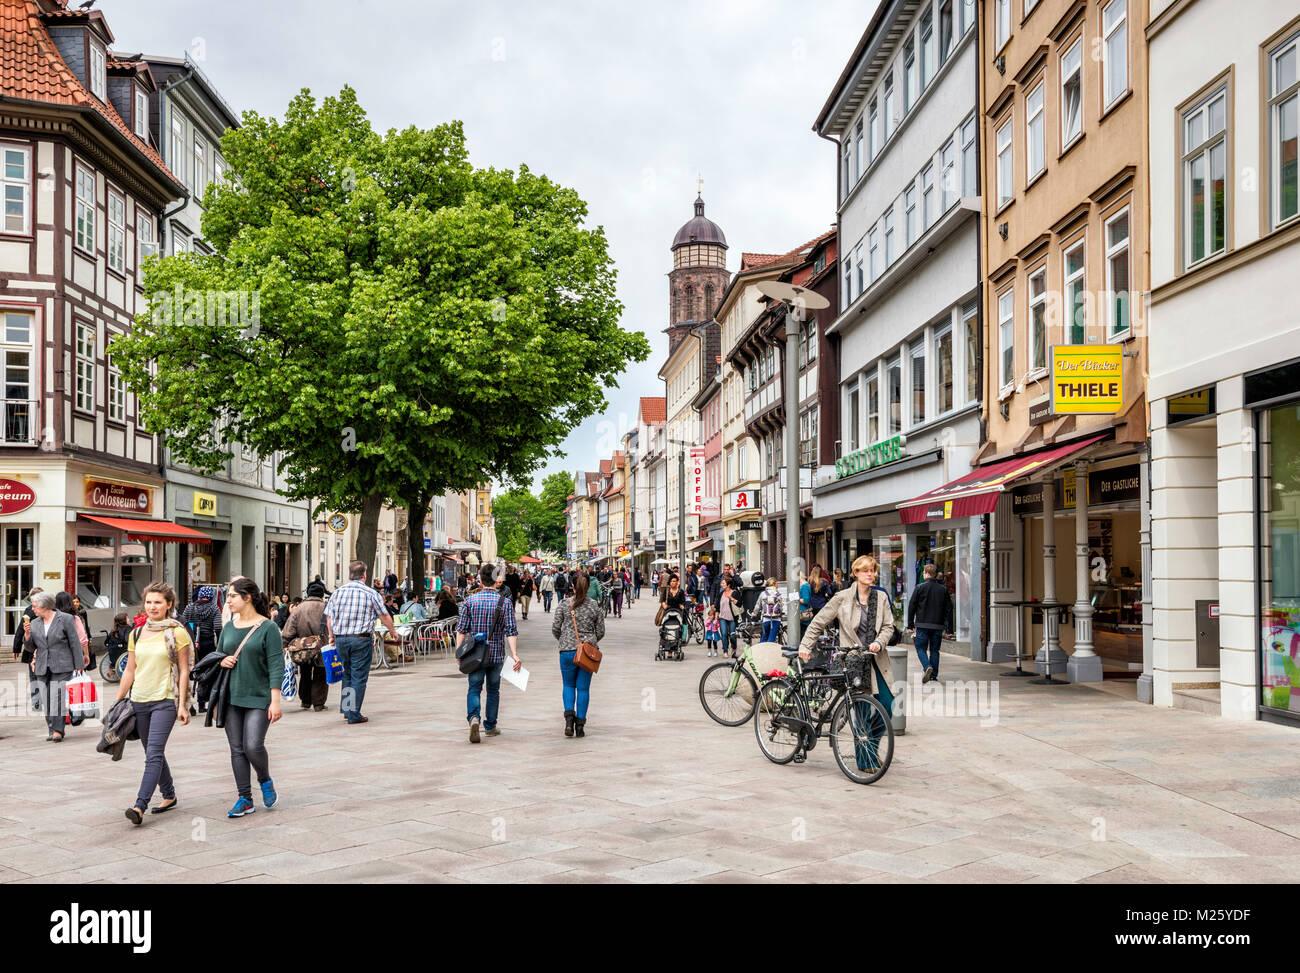 Weender Straße Fußgängerzone in der Altstadt von Göttingen, Niedersachsen, Deutschland Stockfoto